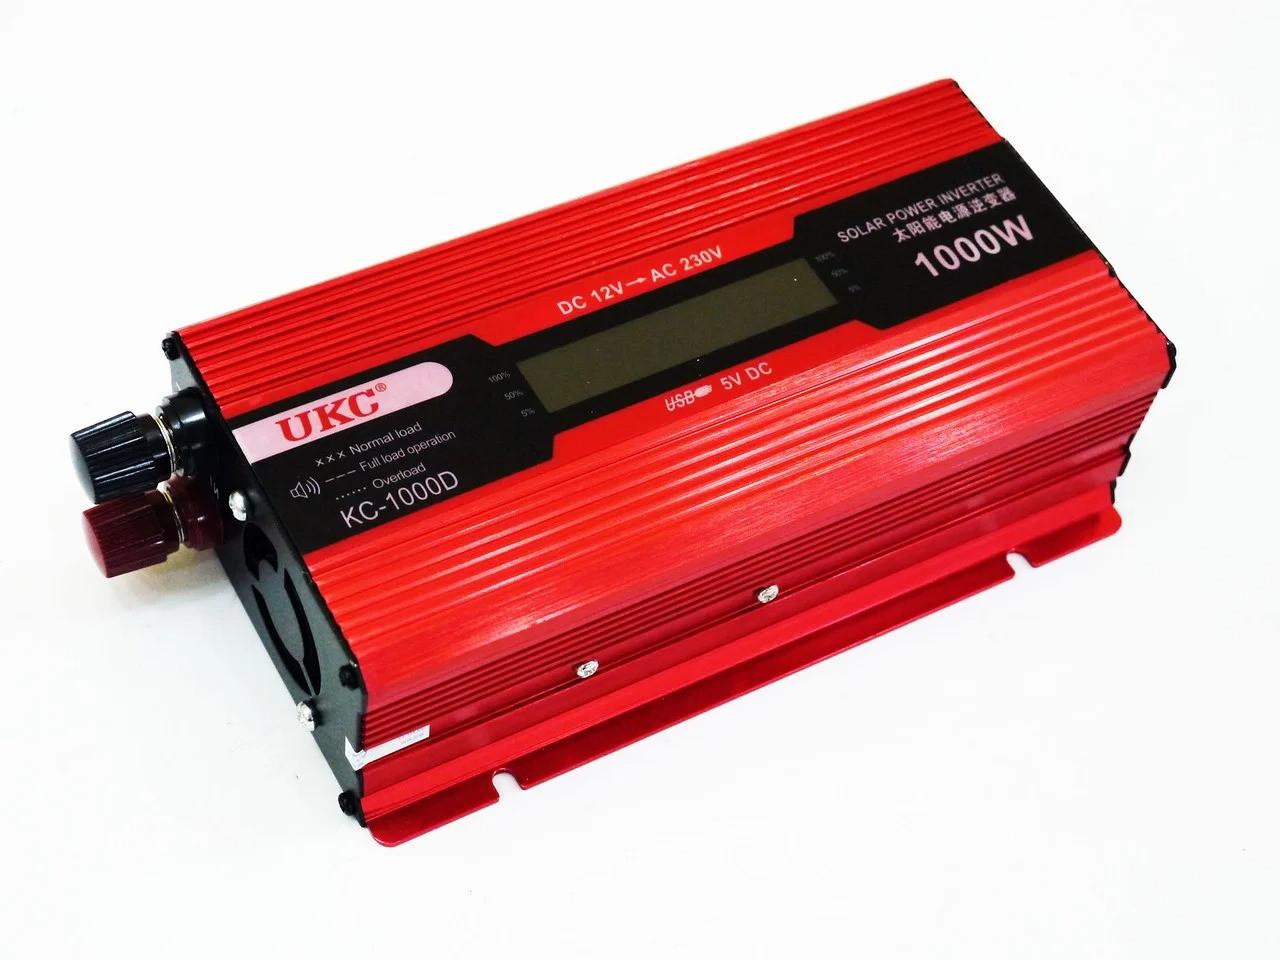 Перетворювач струму AC/DC UKC 1000W KC-1000D з LCD дисплеєм, автомобільний інвертор з екраном